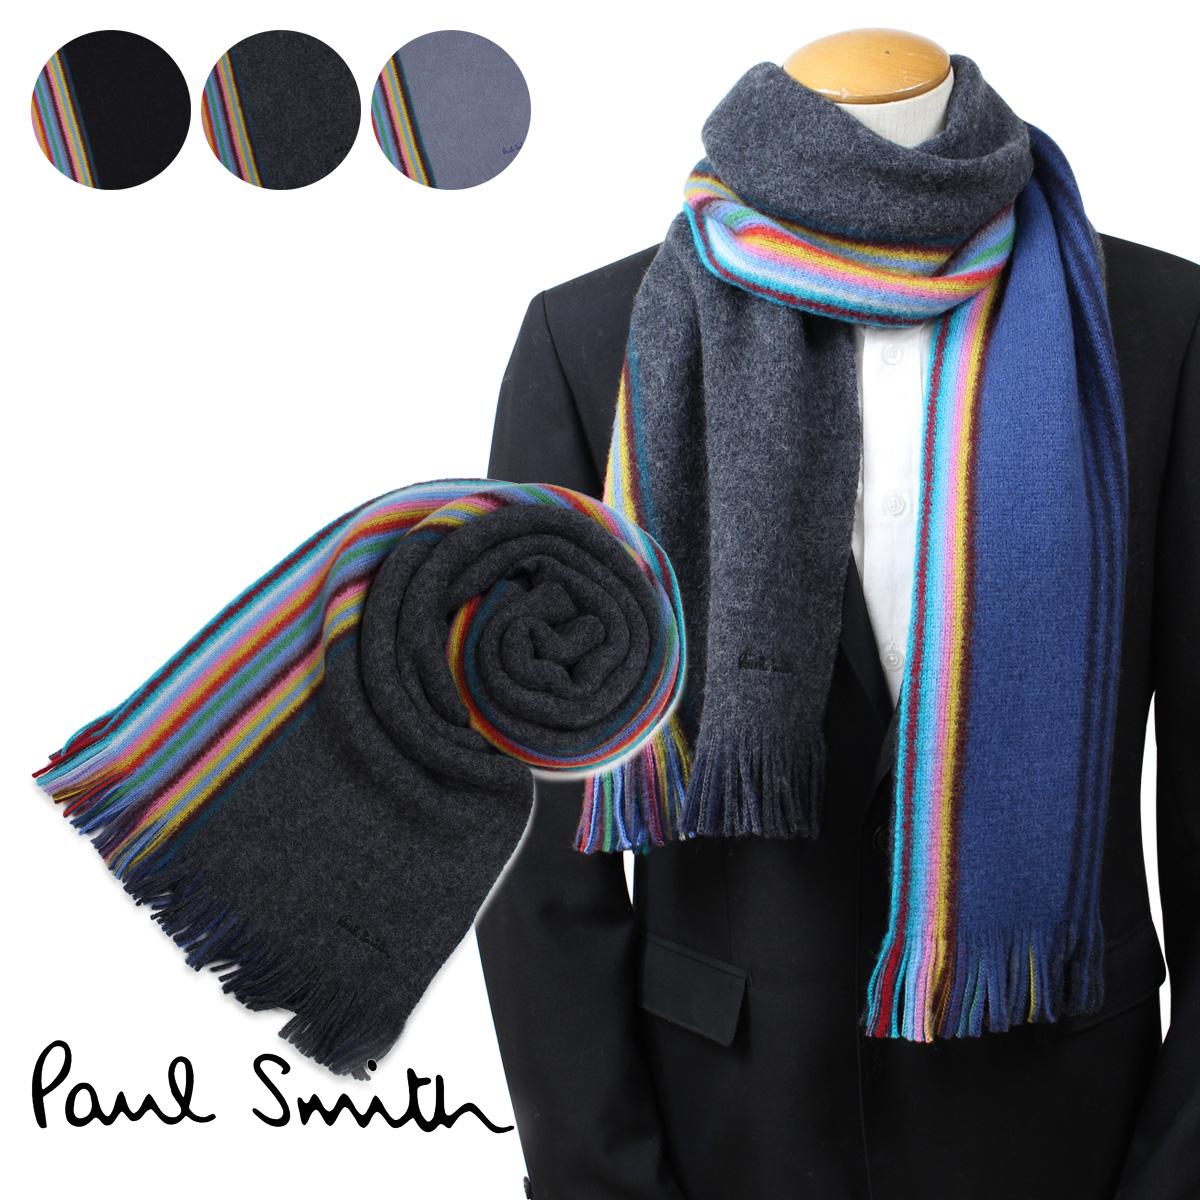 【最大2000円OFFクーポン】 ポールスミス Paul Smith マフラー メンズ ウール マルチカラー 356E-AS10